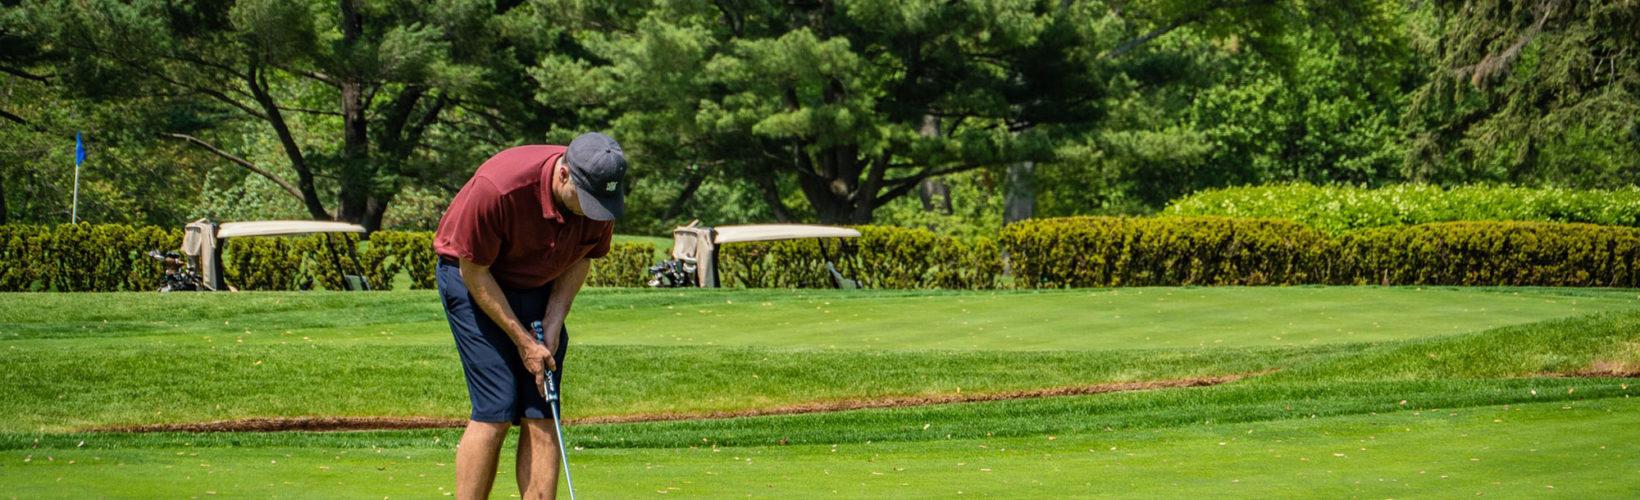 Play golf in Kärradal